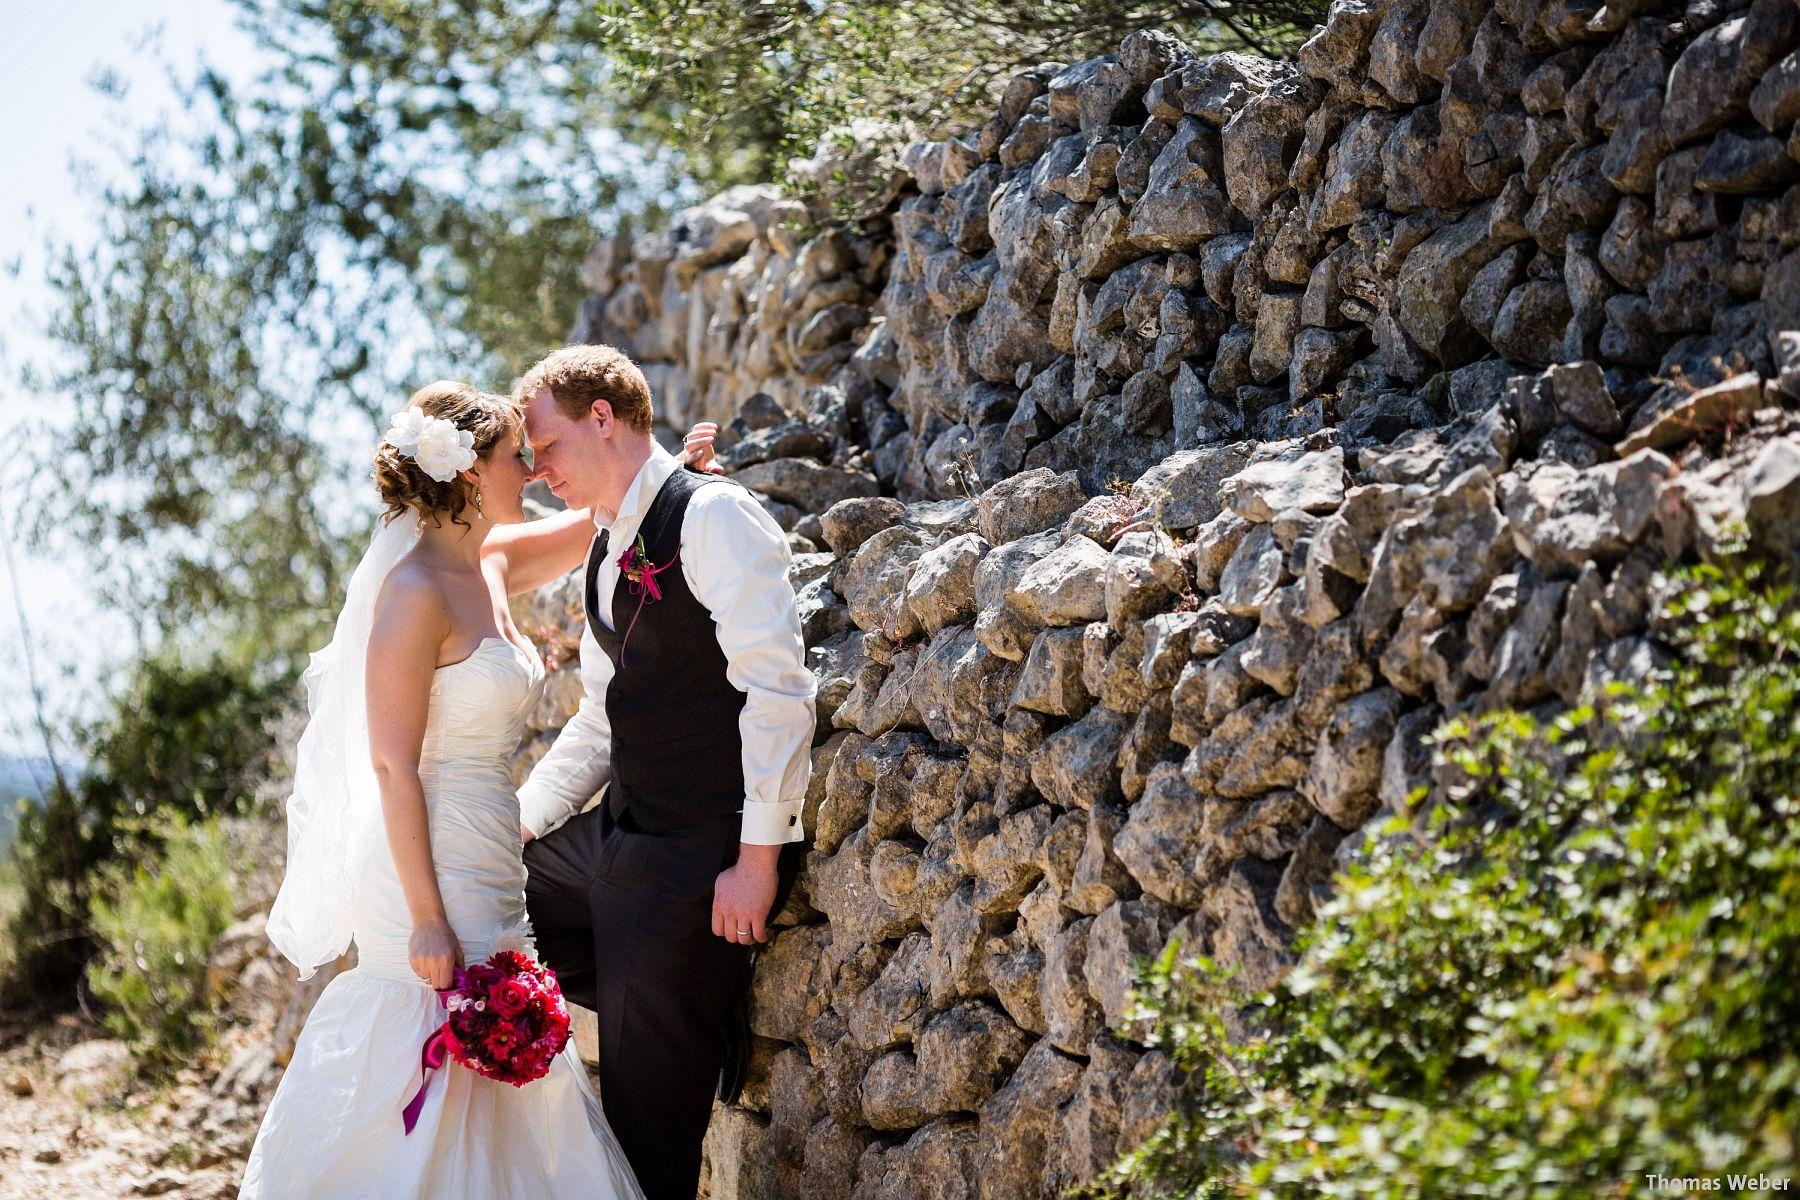 Fotograf Thomas Weber: Hochzeitsfotos und Paarfotos auf Mallorca (27)